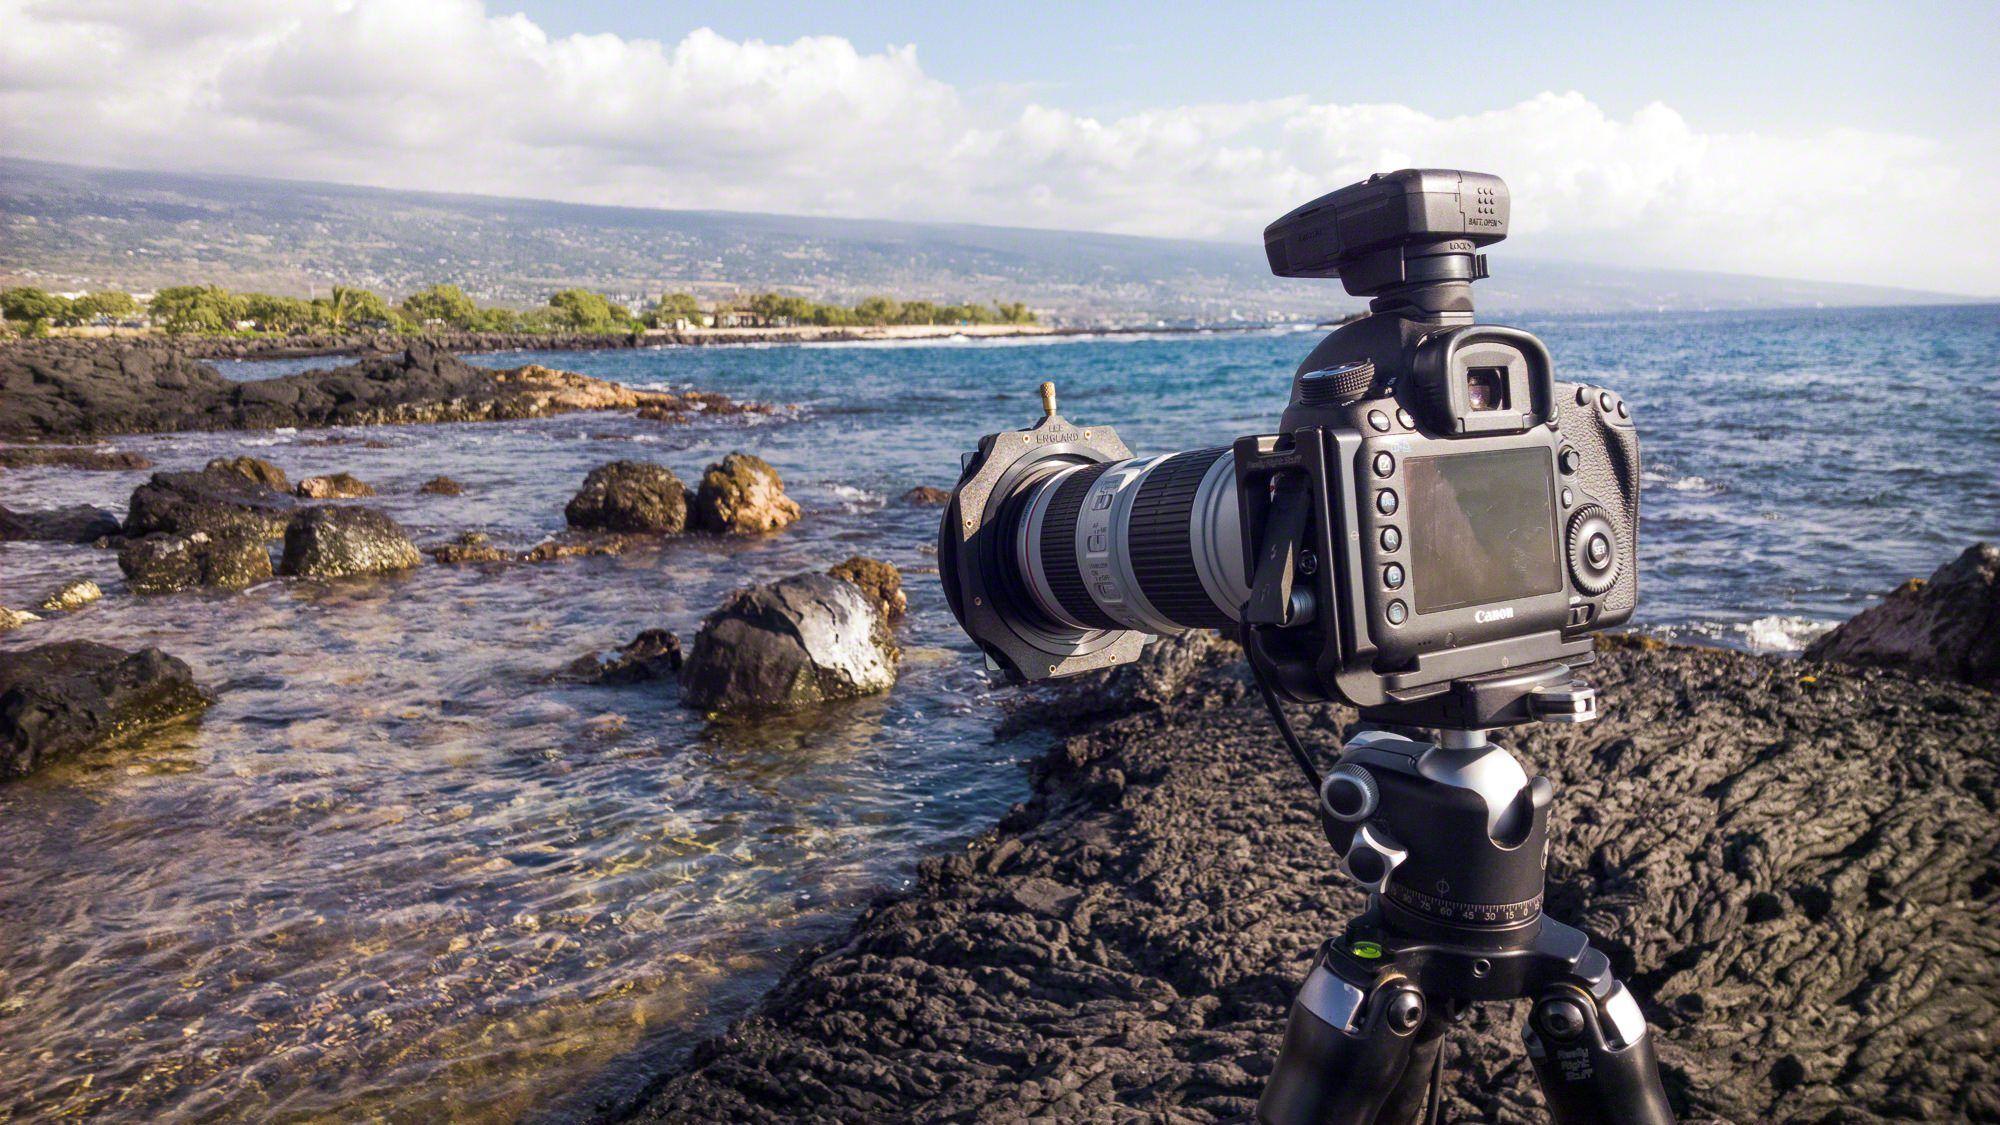 Лучший фотоаппарат с автоматическими настройками представители